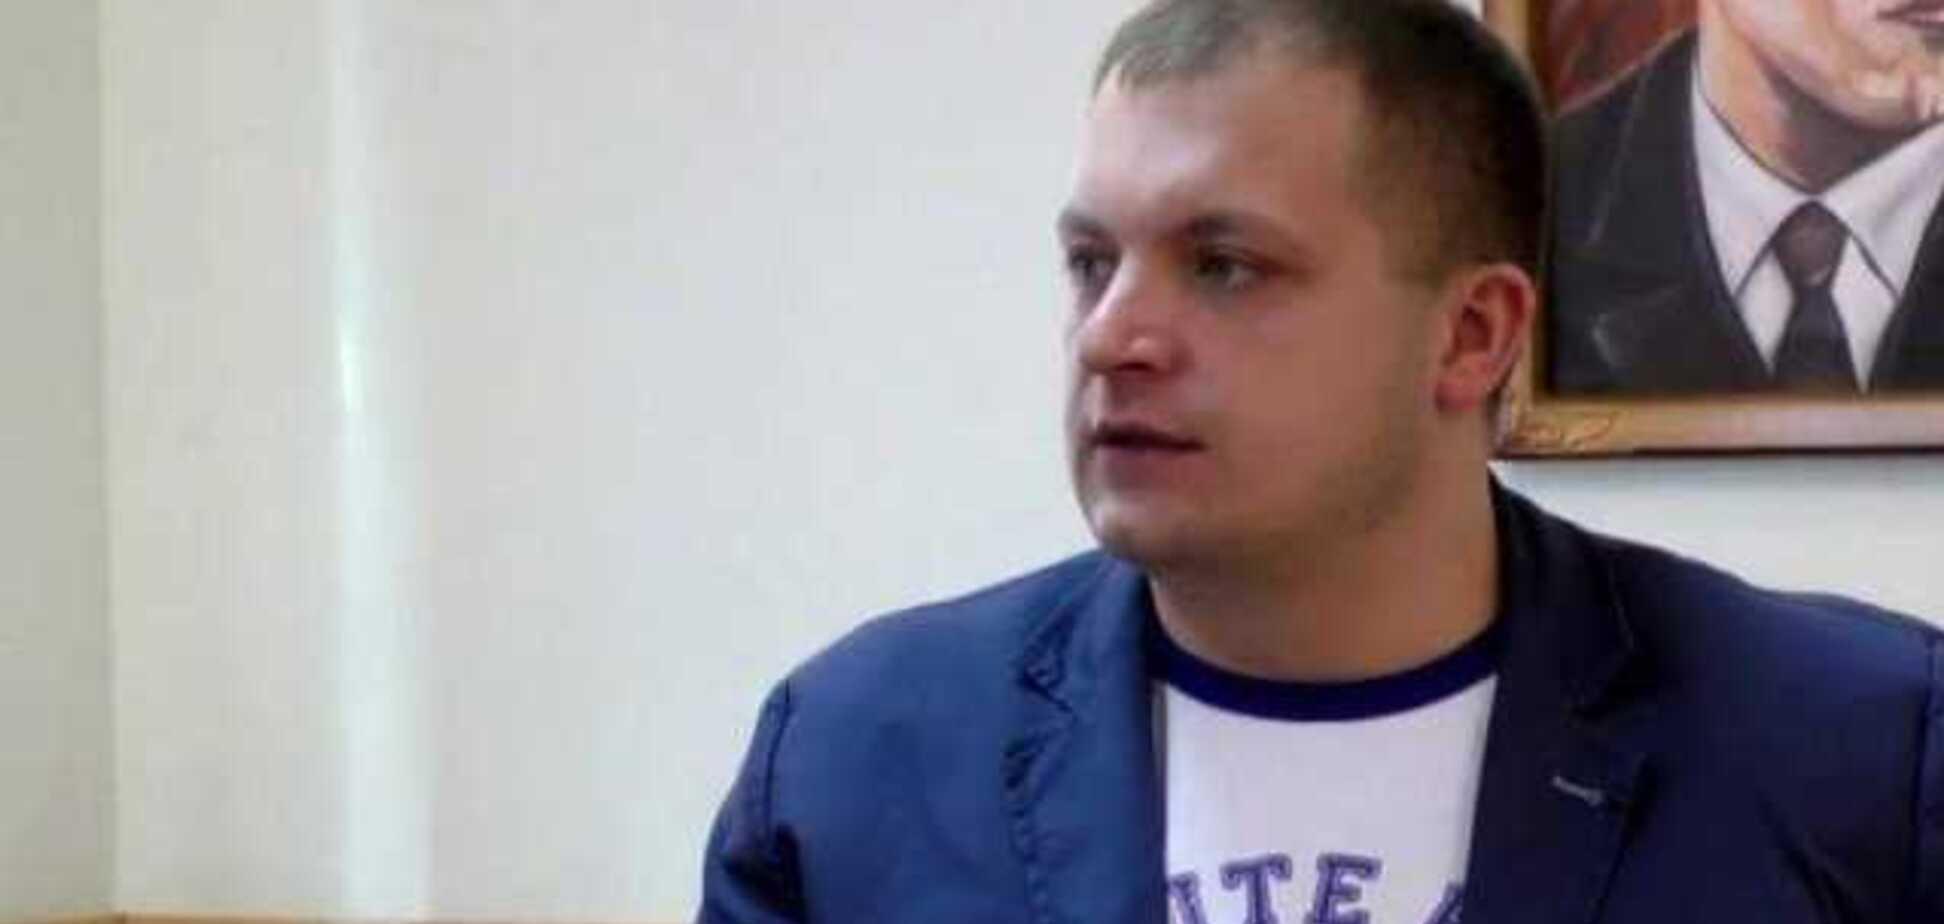 На Сумщине жестоко избили экс-мэра Конотопа: фото 18+